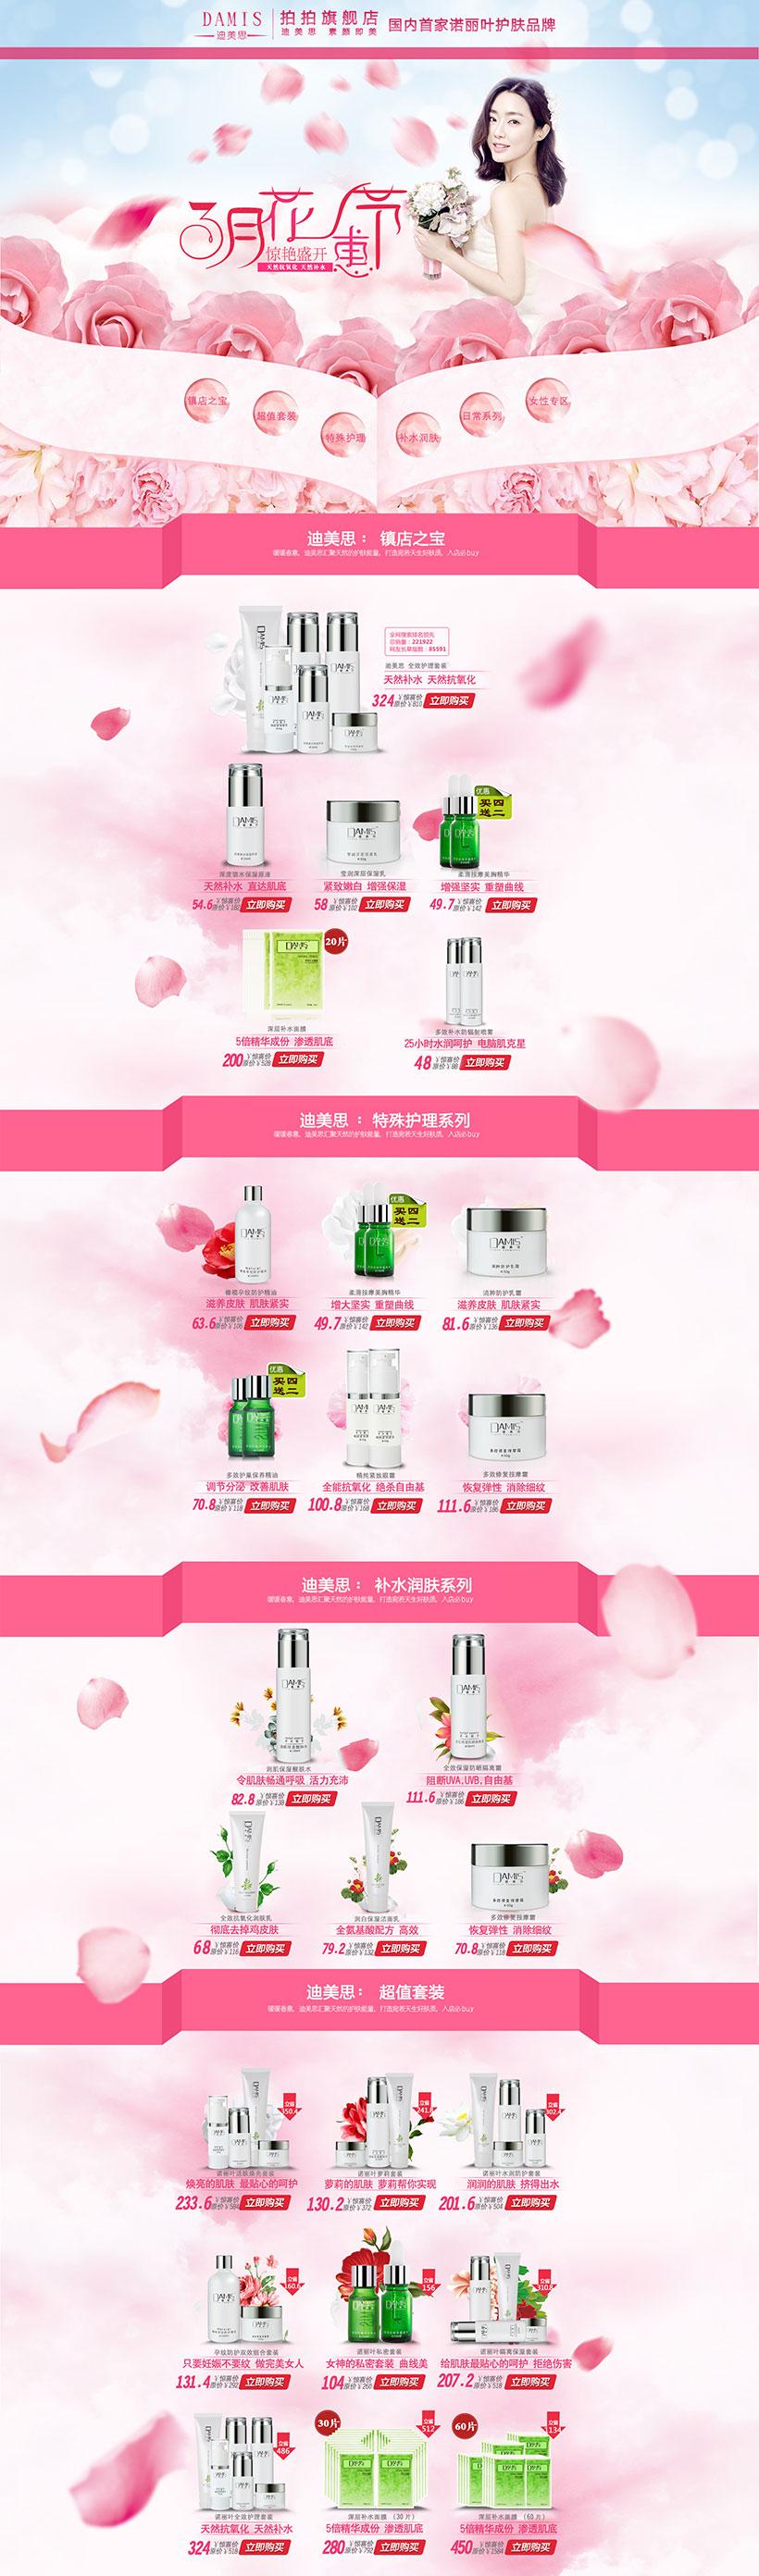 淘宝3月花节促销页面设计psd素材